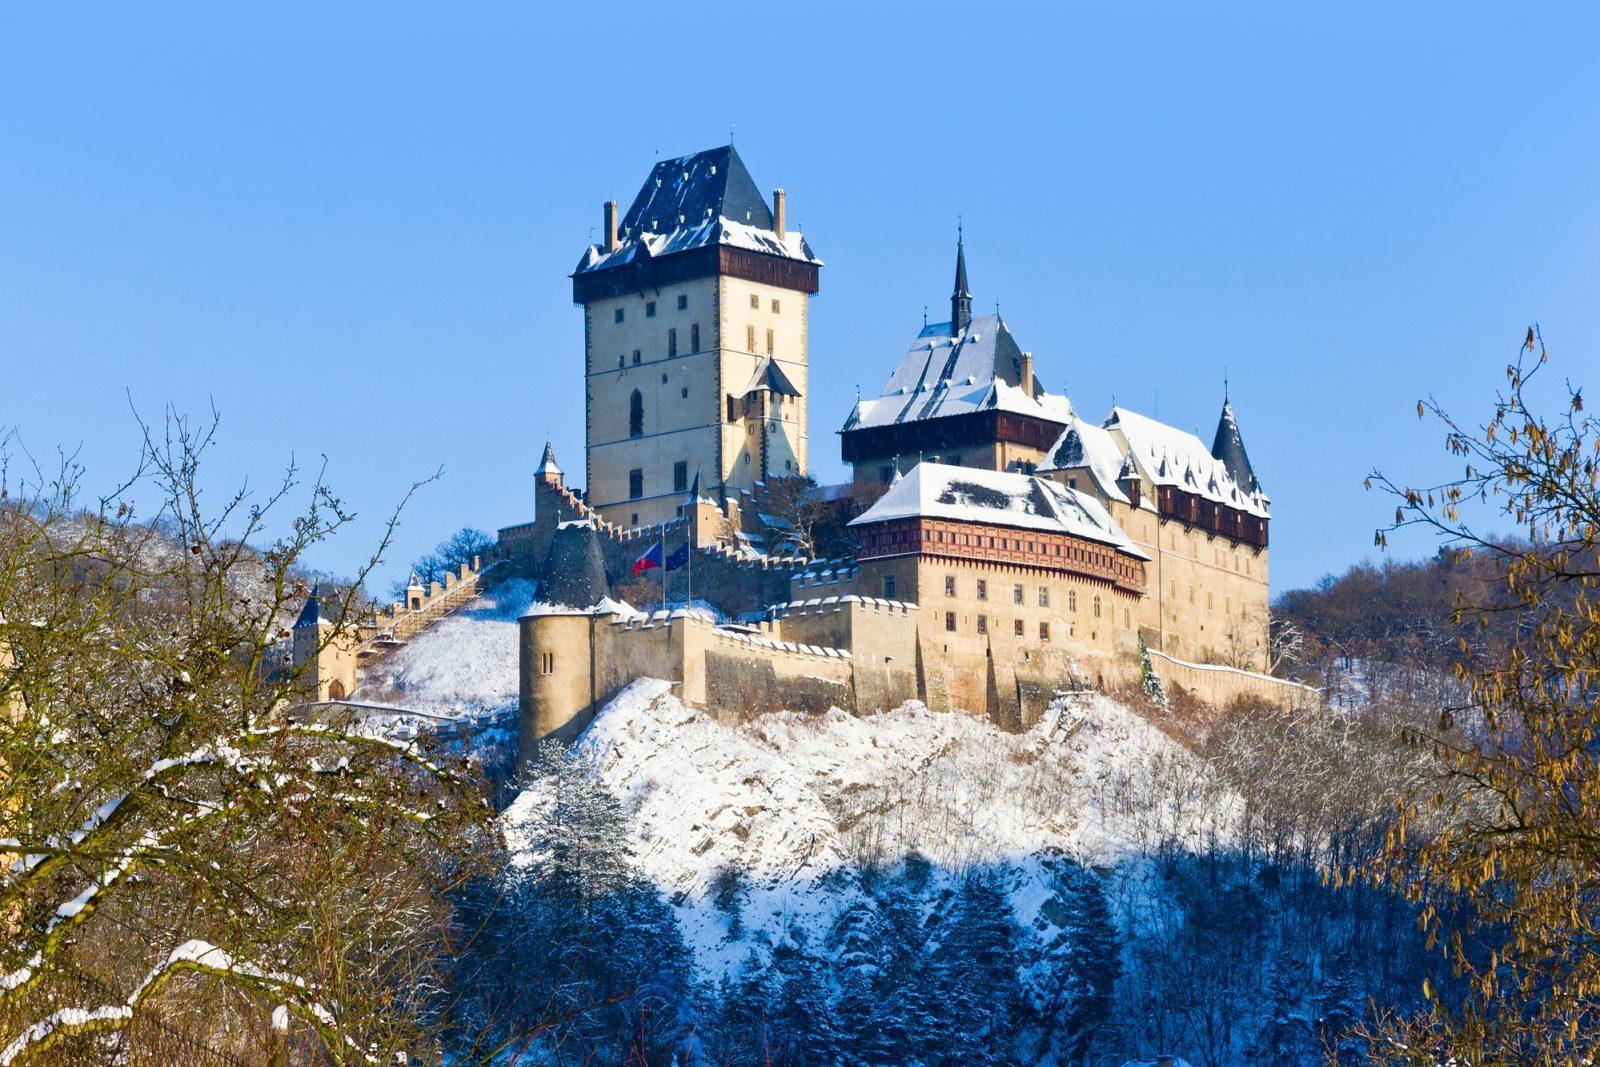 Телепортируемся в Прагу за 3 дня: как оформить срочную визу в Чехию?